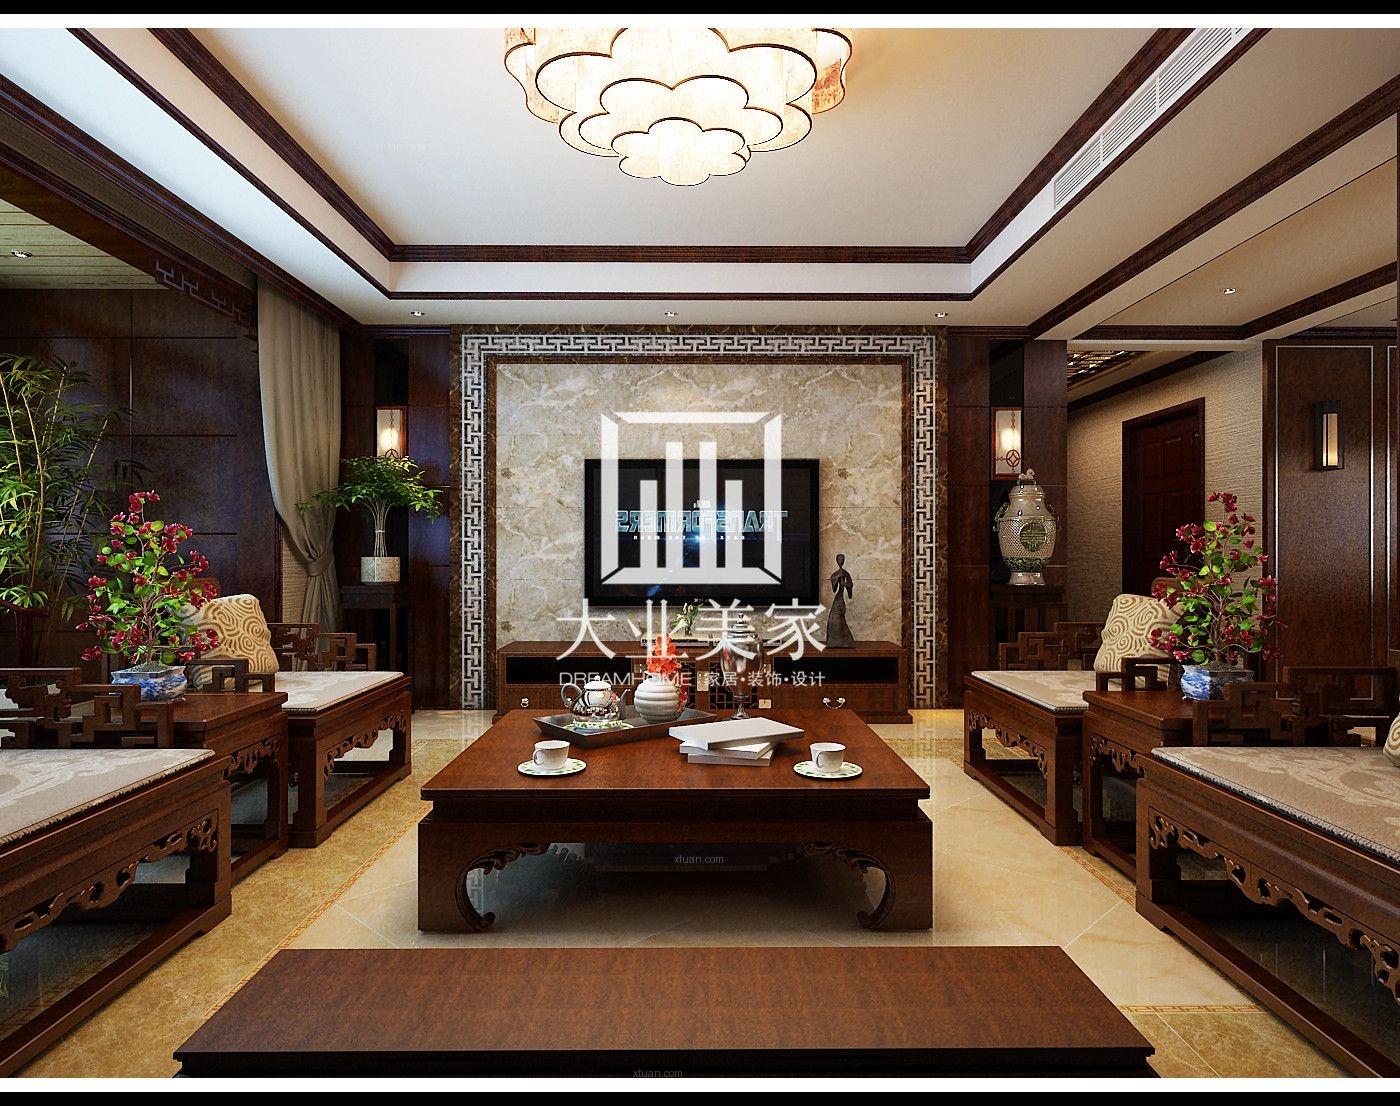 中式电视背景墙效果图_中式客厅电视背景墙效果图-